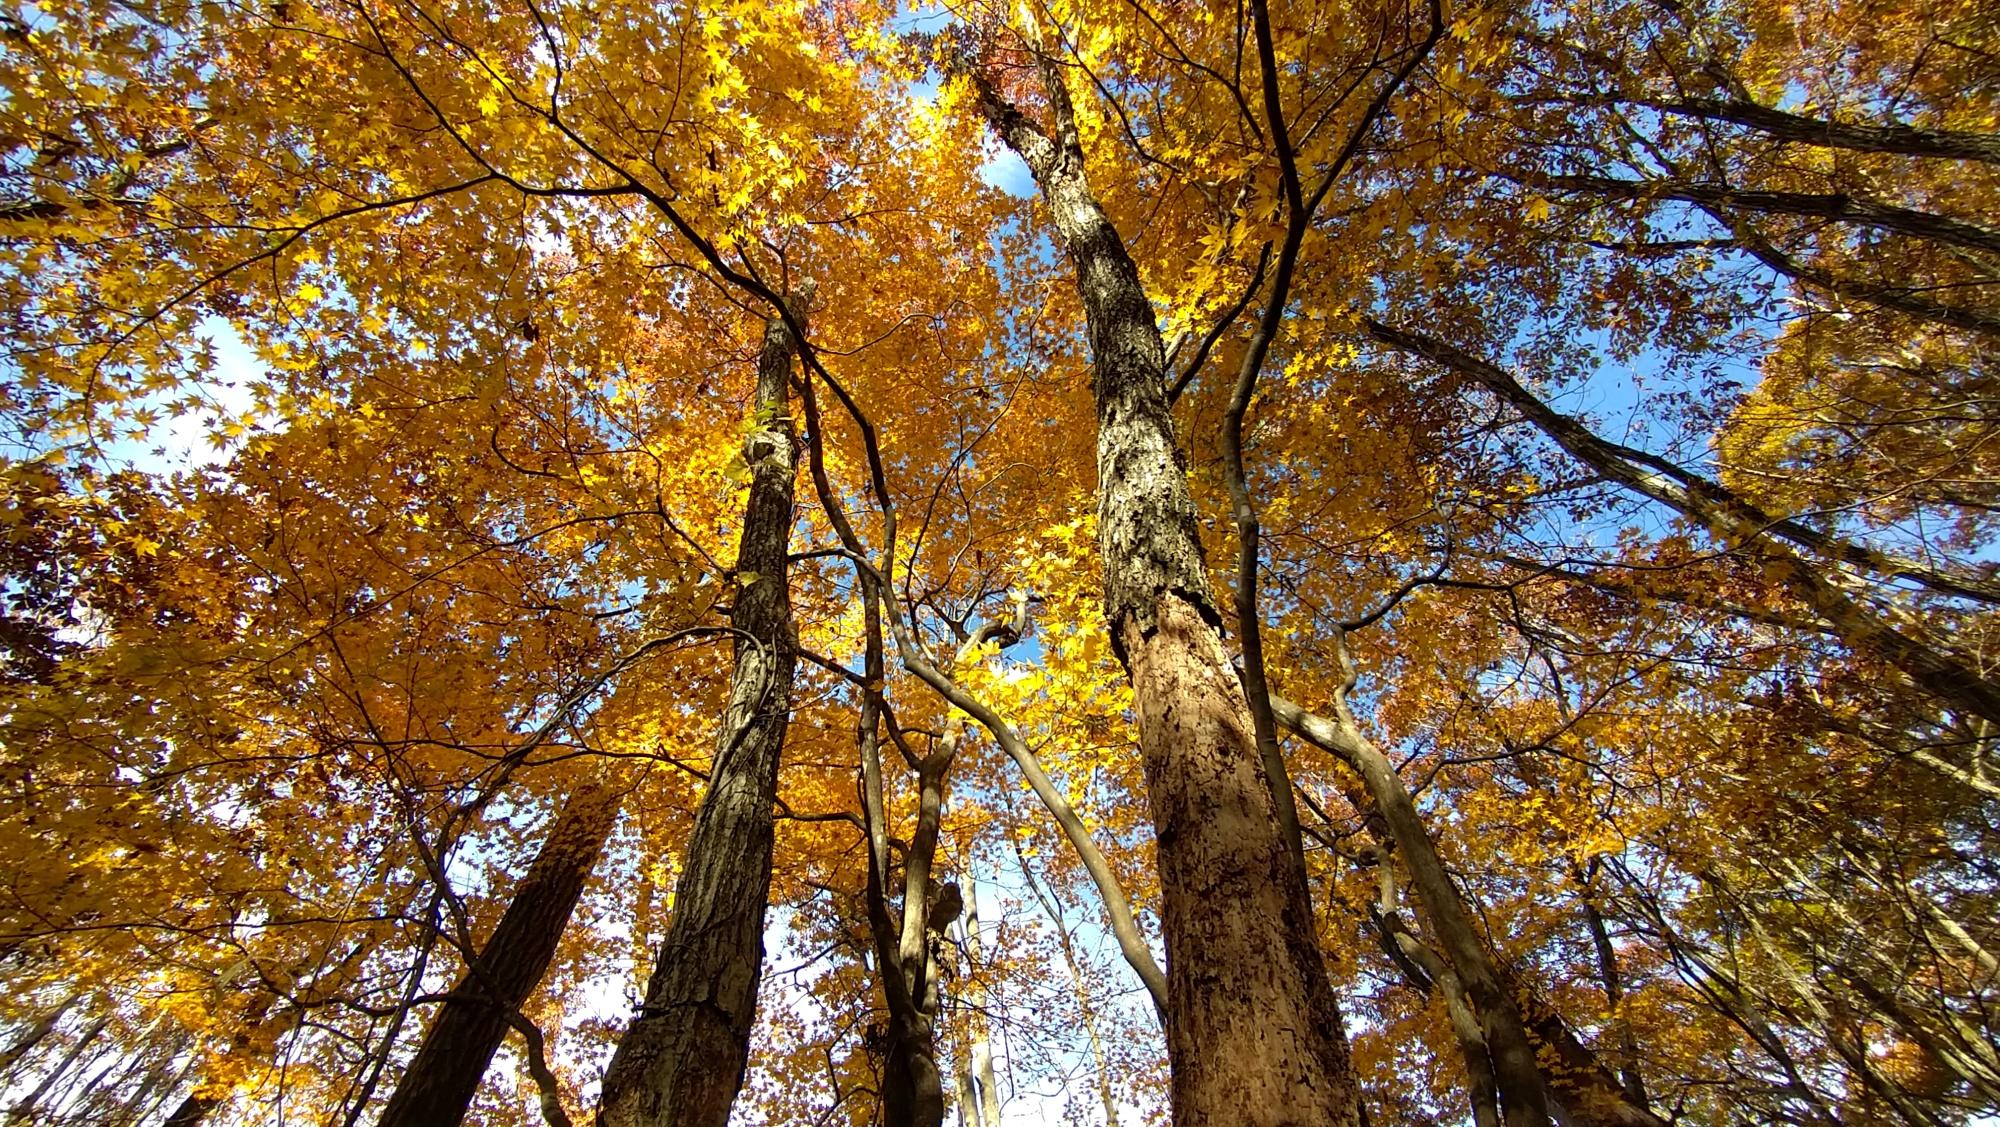 【まとめ】2020年 山形県の週末イベント情報 11月21日(土)~11月23日(月)